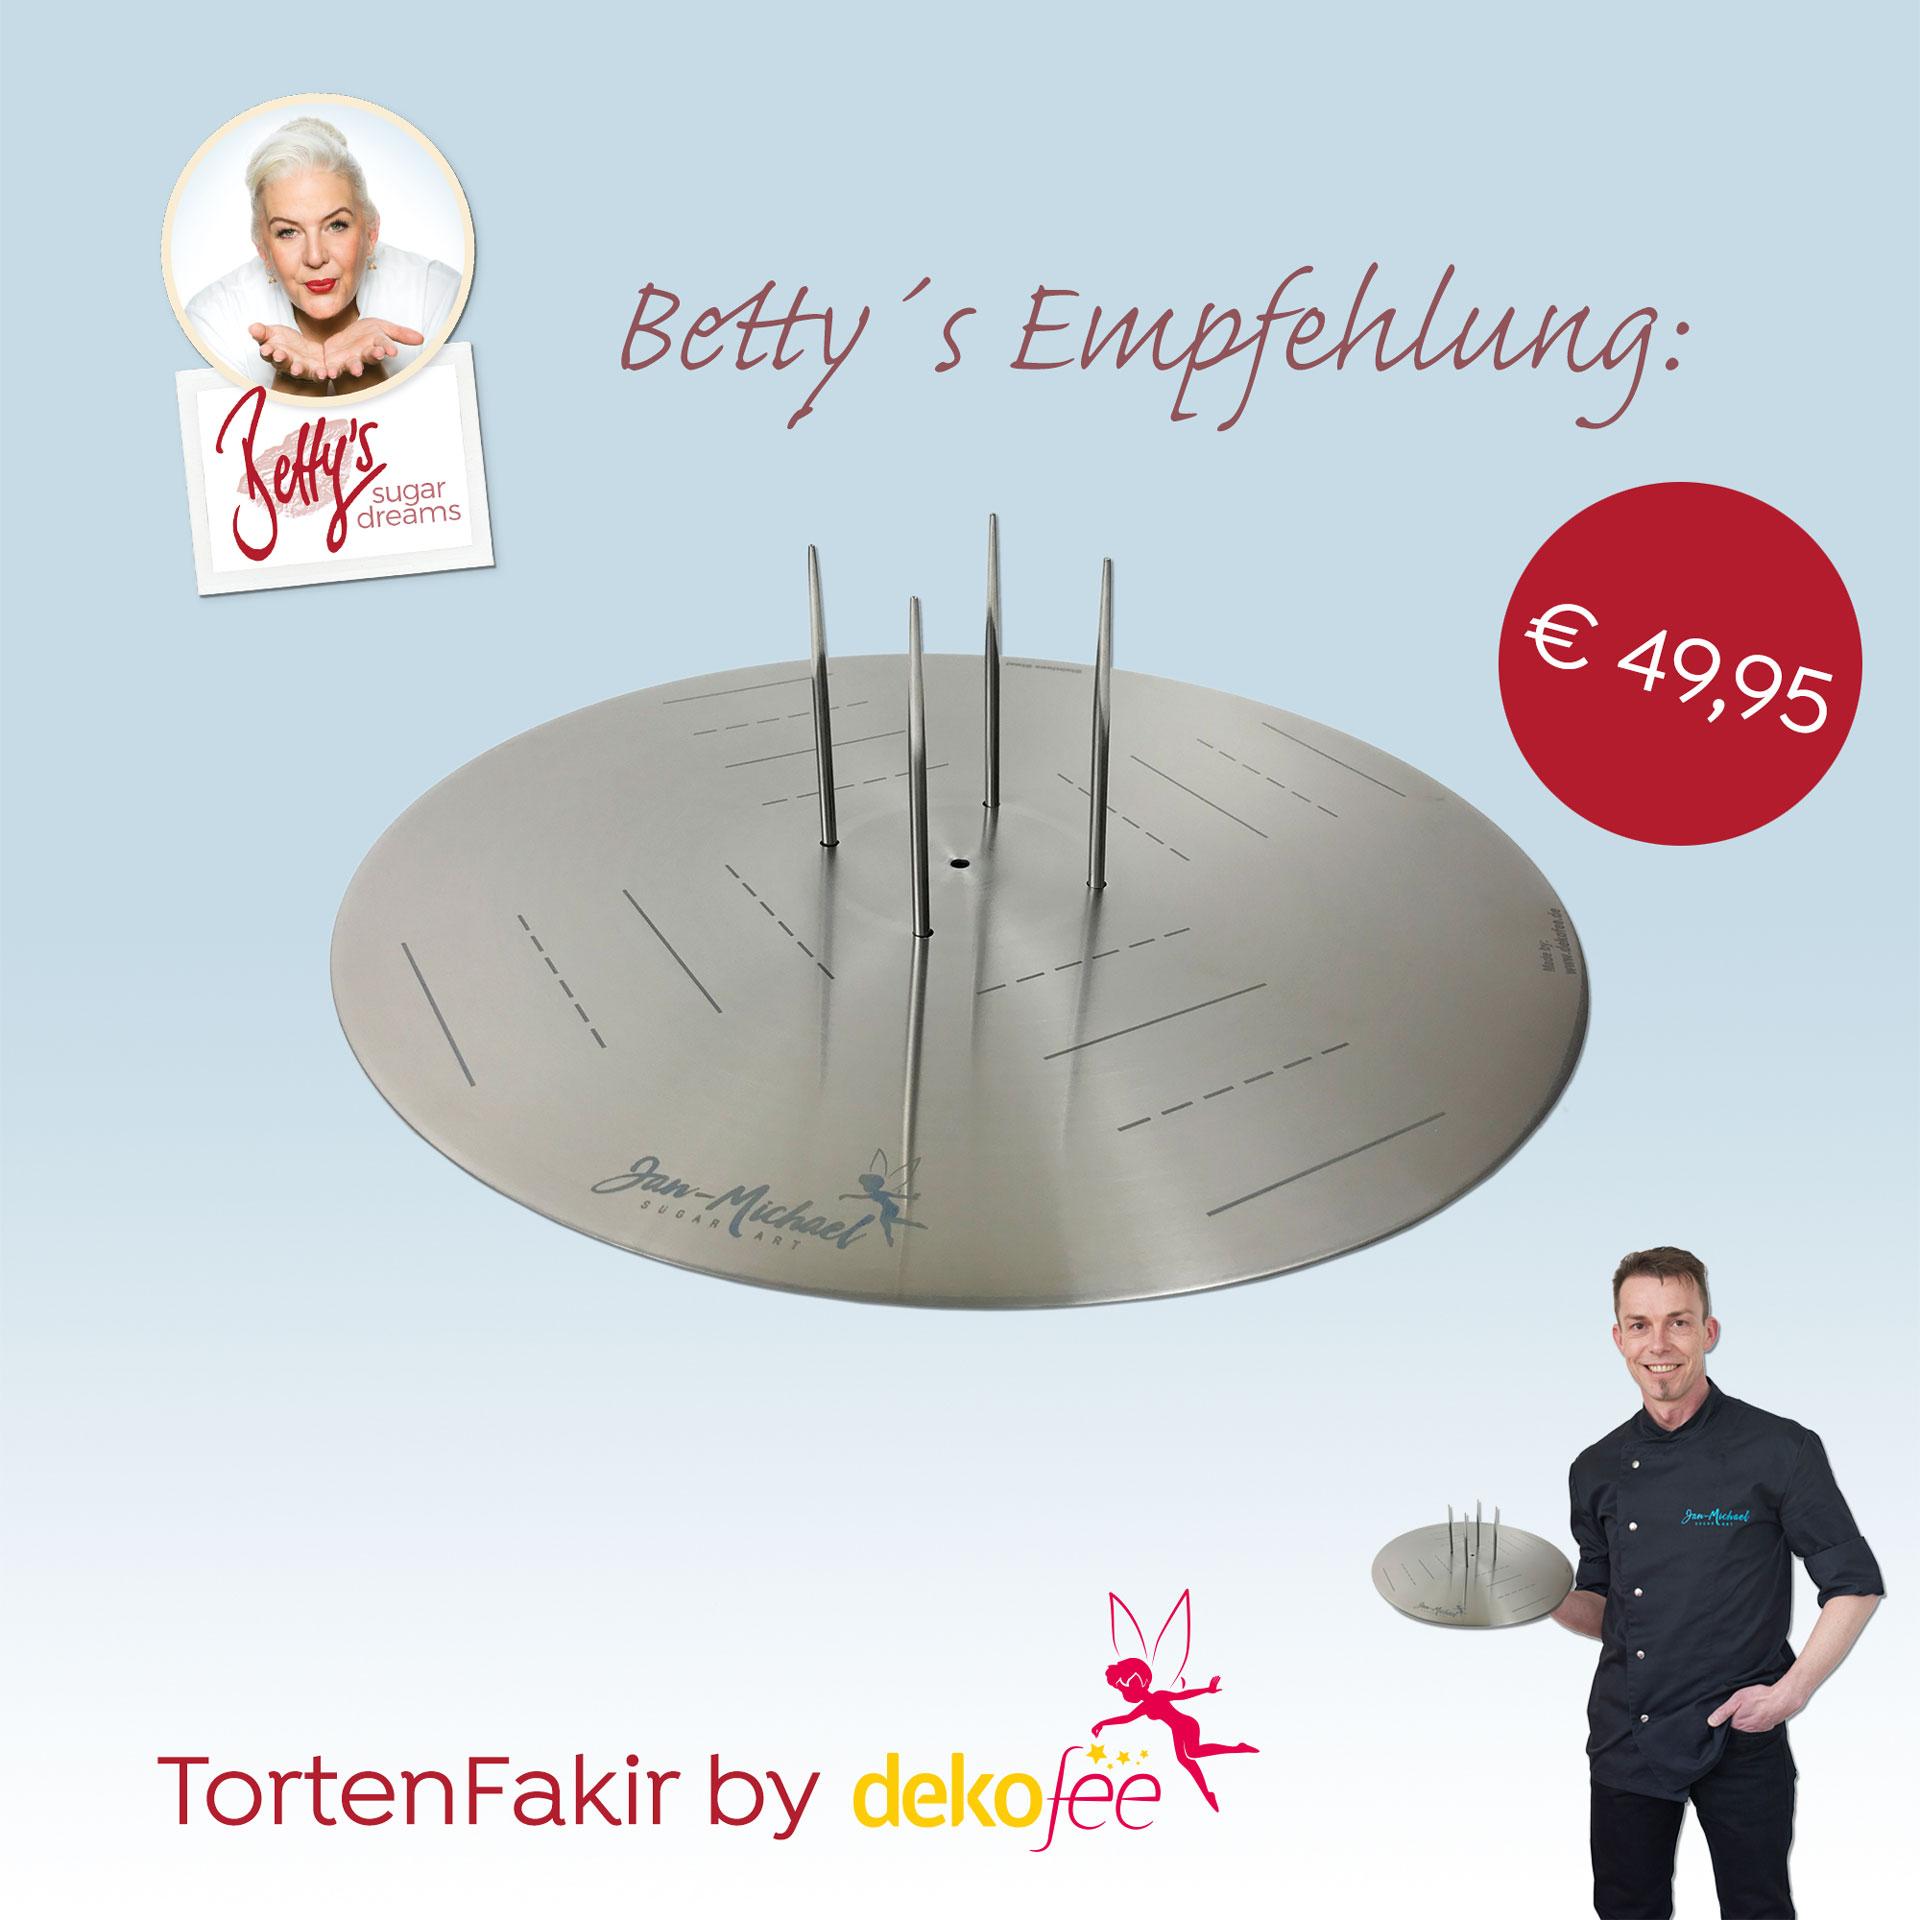 TortenFakir by dekofee jetzt online bestellen